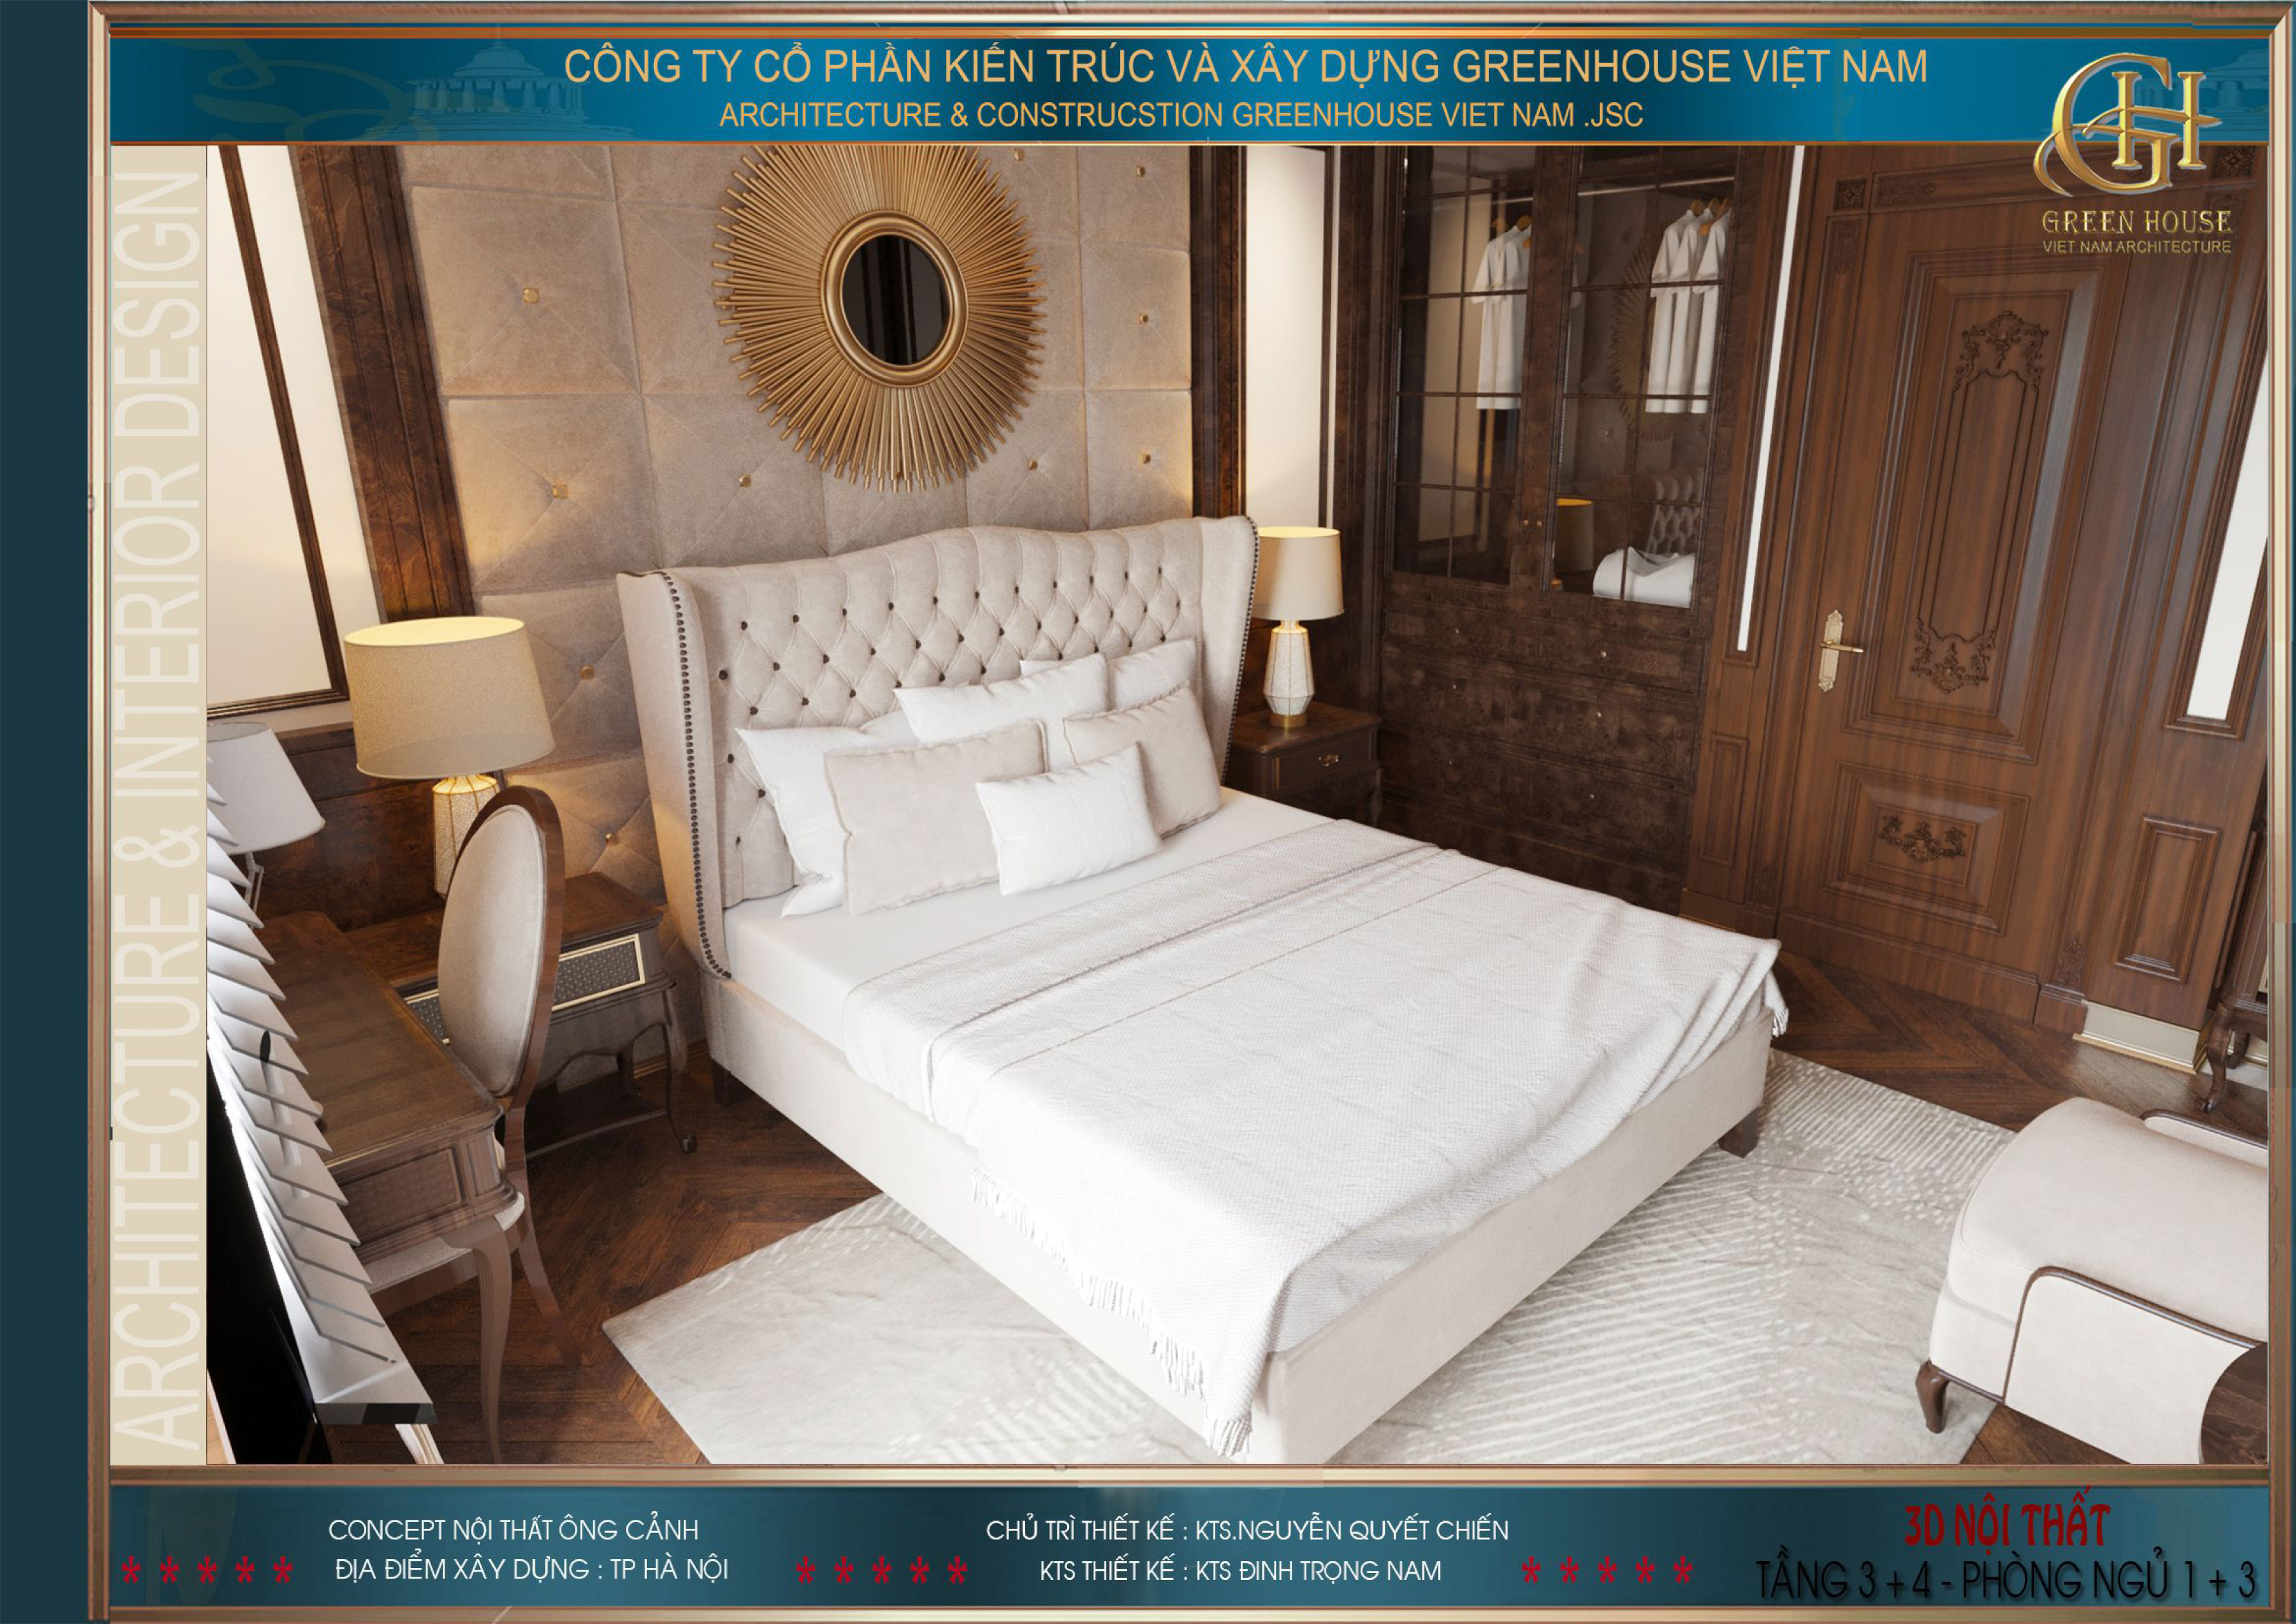 Phòng ngủ tầng 3 với đầy đủ đồ nội thất phục vụ nhu cầu sinh hoạt của chủ nhân căn phòng